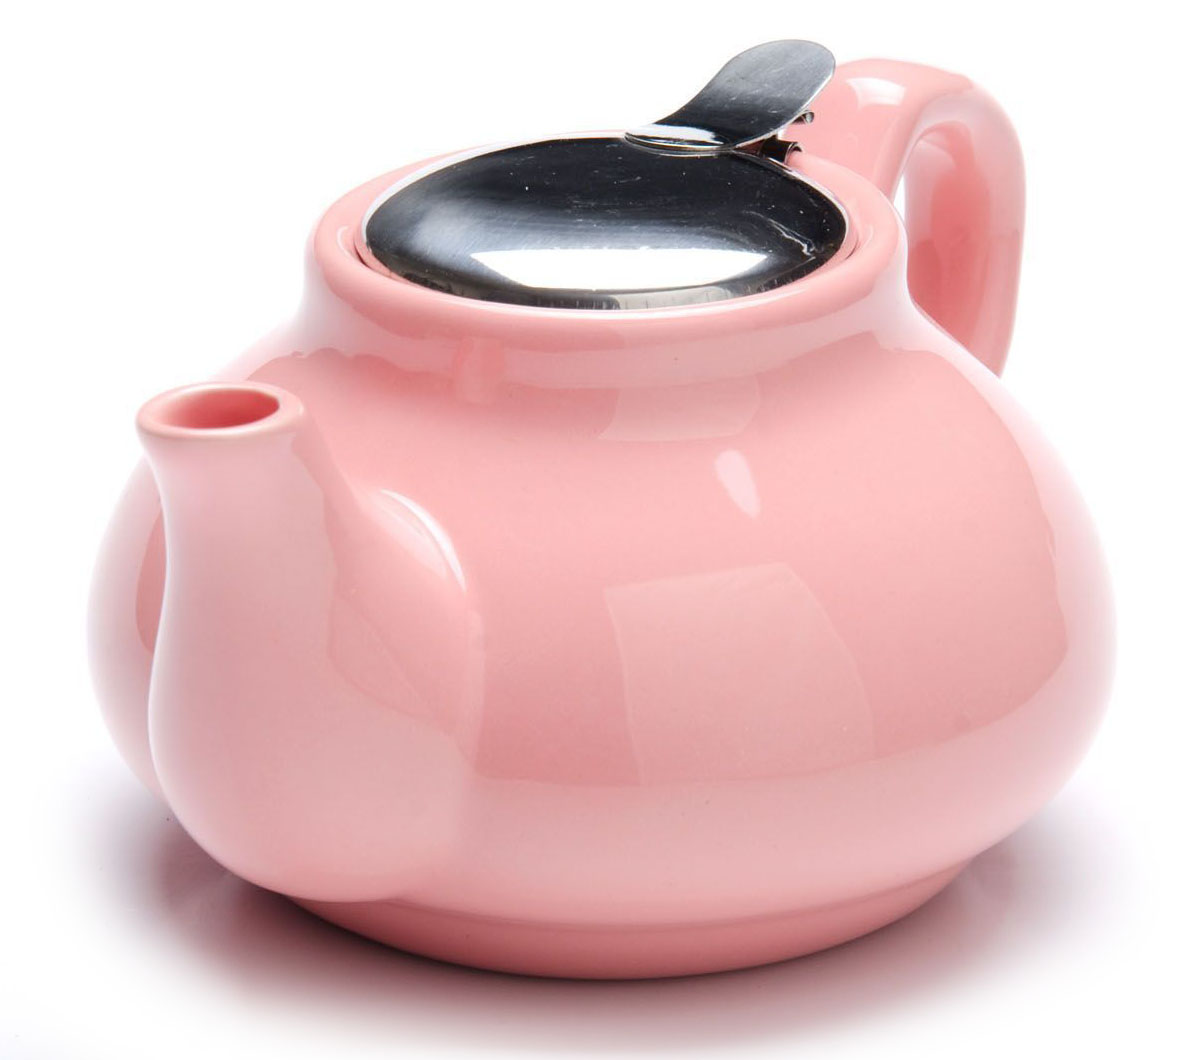 Заварочный чайник Loraine, цвет: розовый, 750 мл. 26594-31444504Заварочный чайник Loraine выполнен из высококачественной цветной керамики. Фильтр из нержавеющей стали для заваривания раскроет букет чая и не позволит чаинкам попасть в чашку. Удобная металлическая крышка поддержит нужную температуру для заваривания чая.Керамический чайник прост и удобен в применении, чайник легко мыть. Не ставьте чайник на открытый огонь и нагревающиеся поверхности.Подходит для мытья в посудомоечной машине.